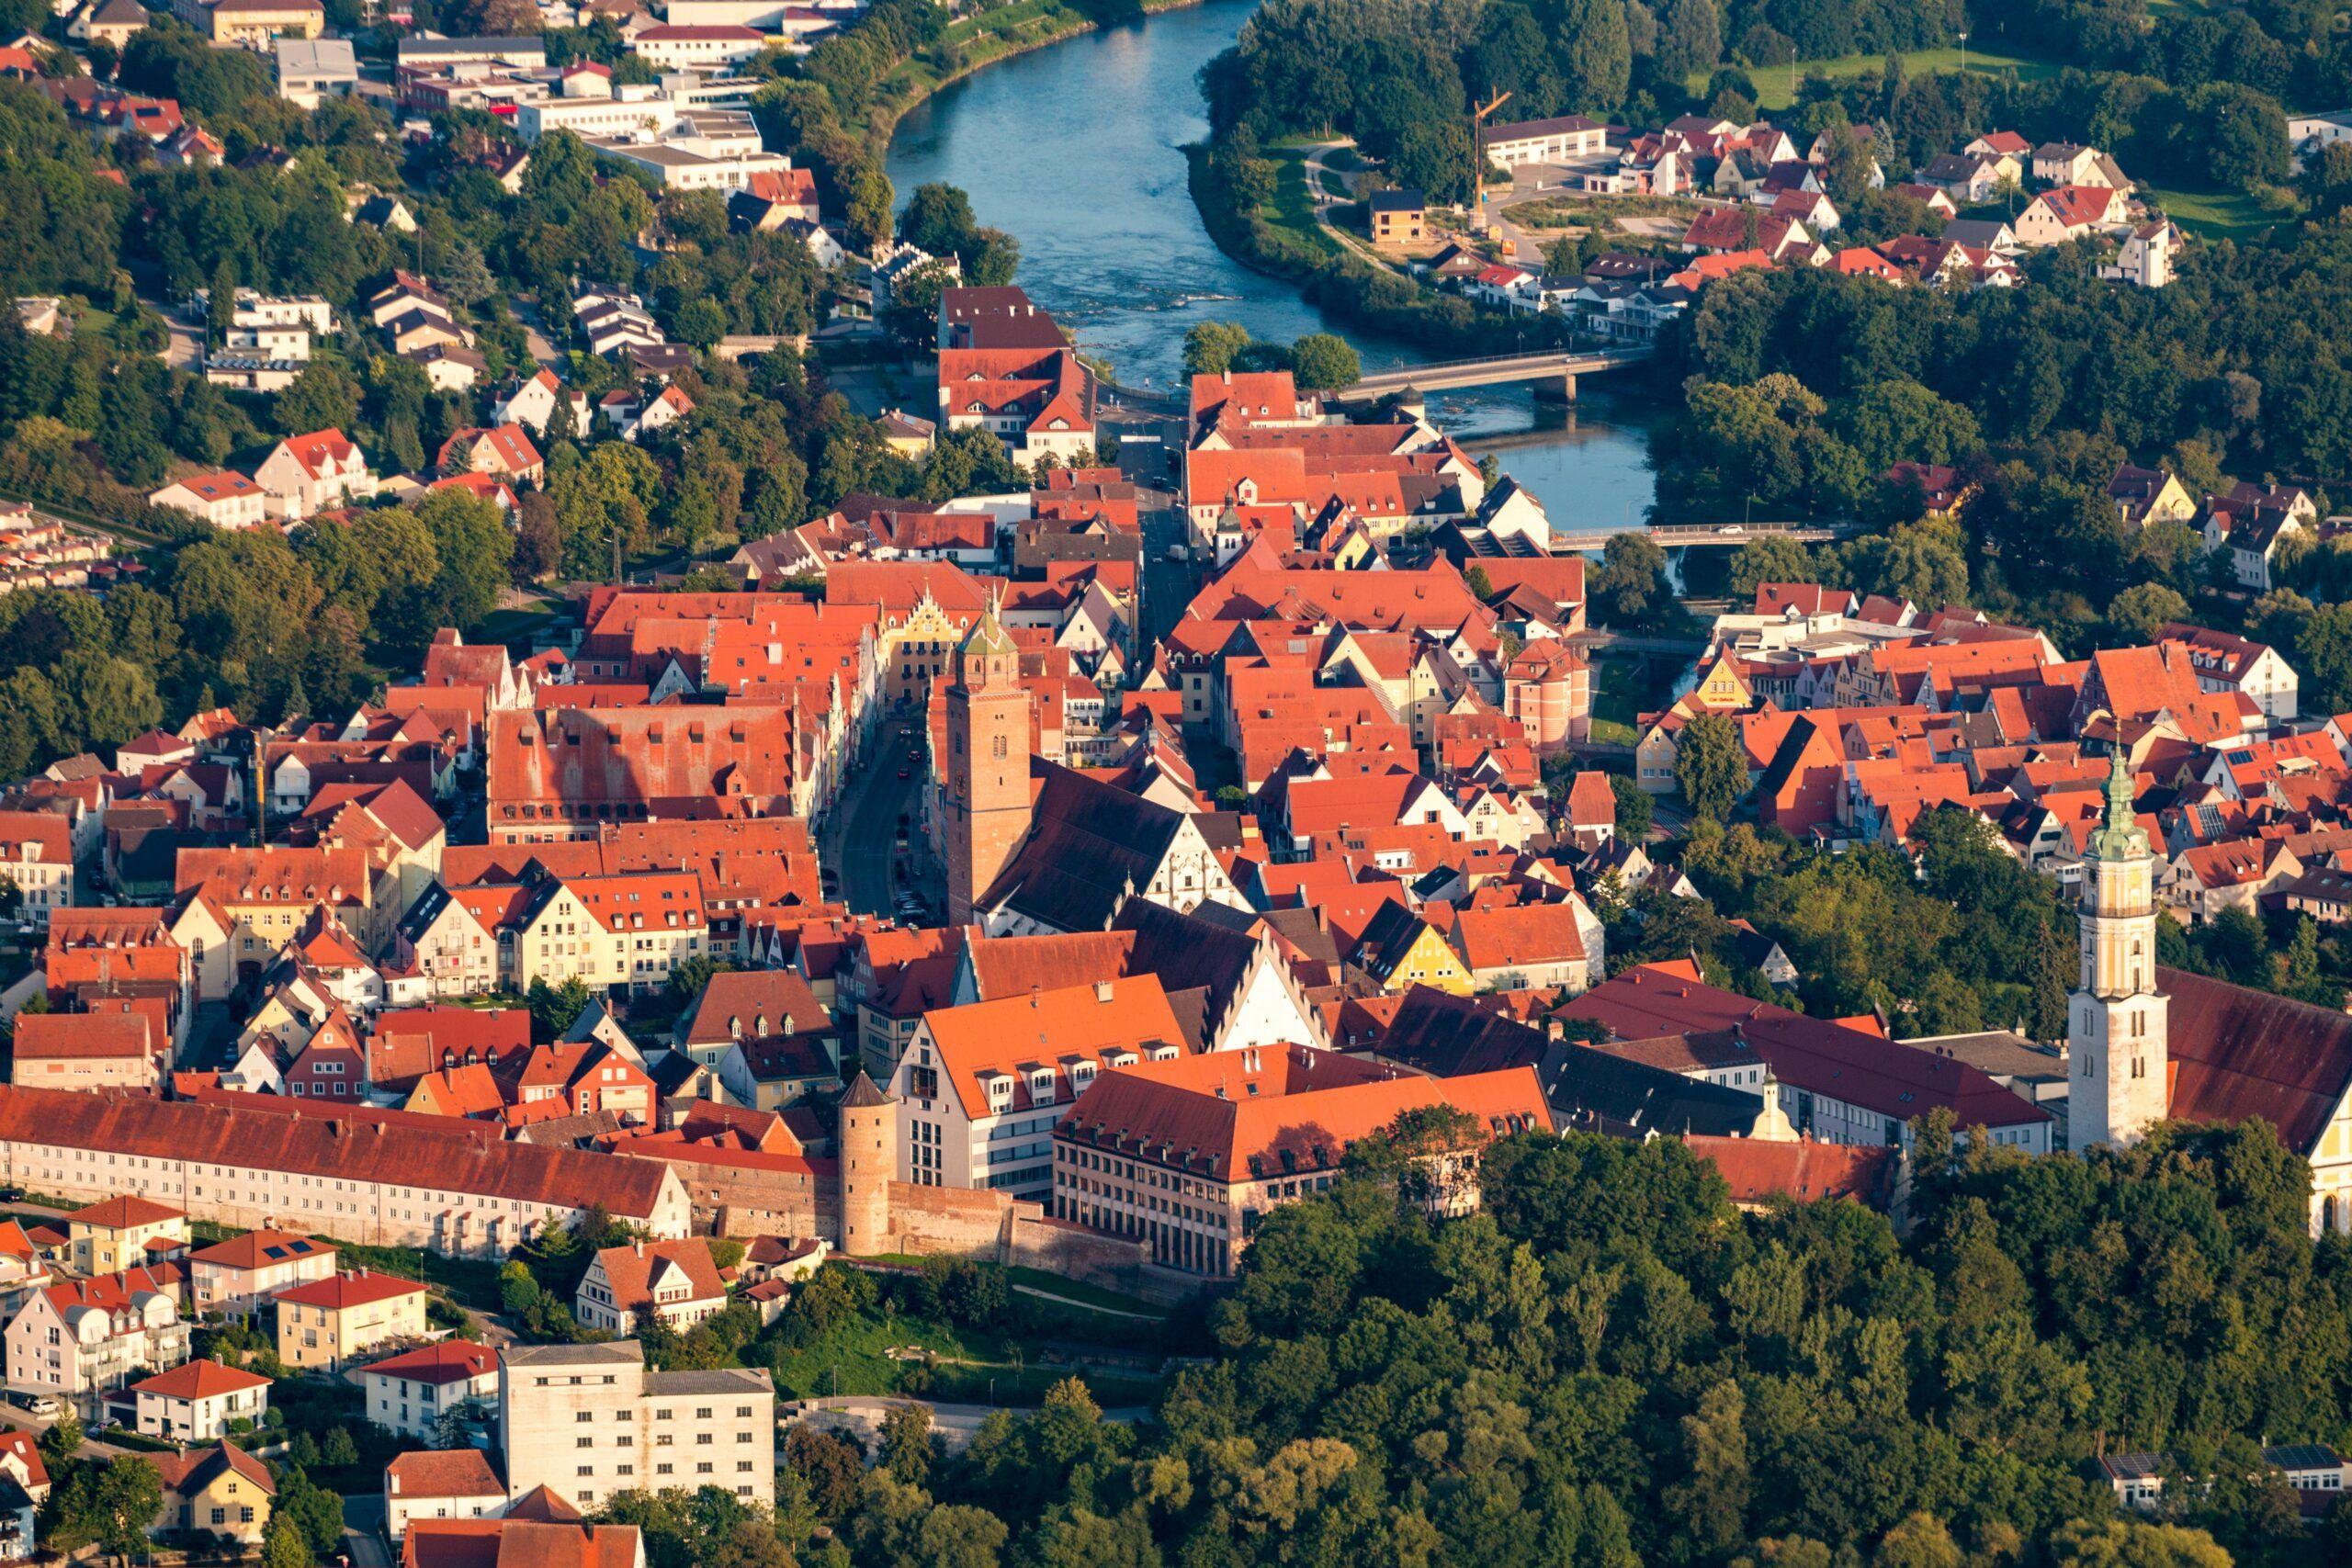 Grosse Kreisstadt Donauwoerth Luftbild Foto Simon Bauer Scaled